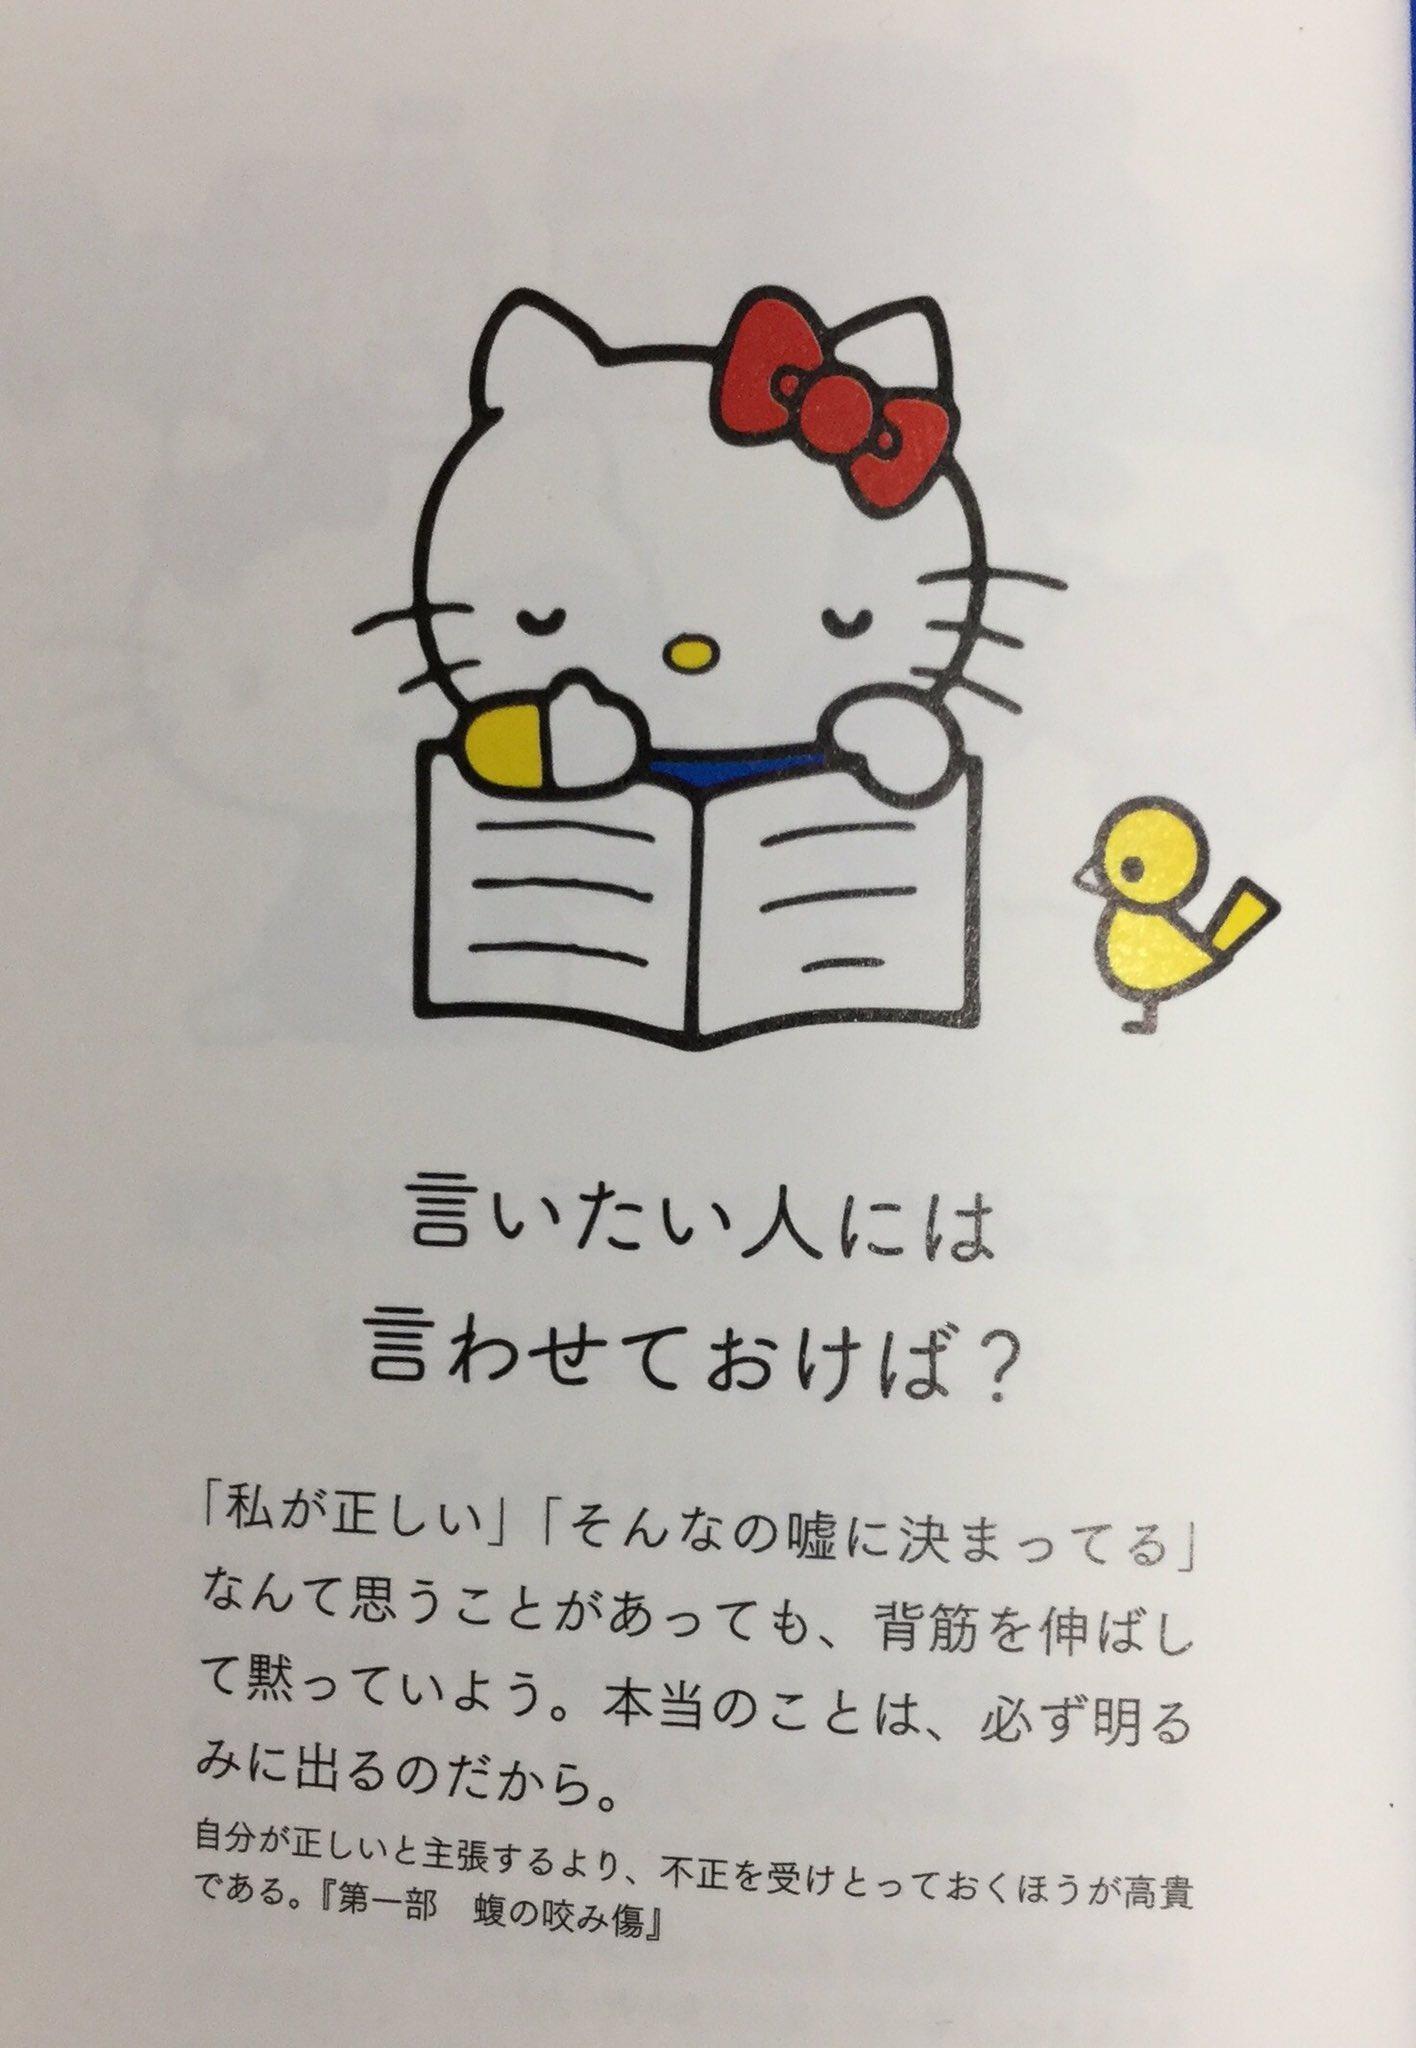 キティーちゃんのイラストと、深い言葉に癒されよう!